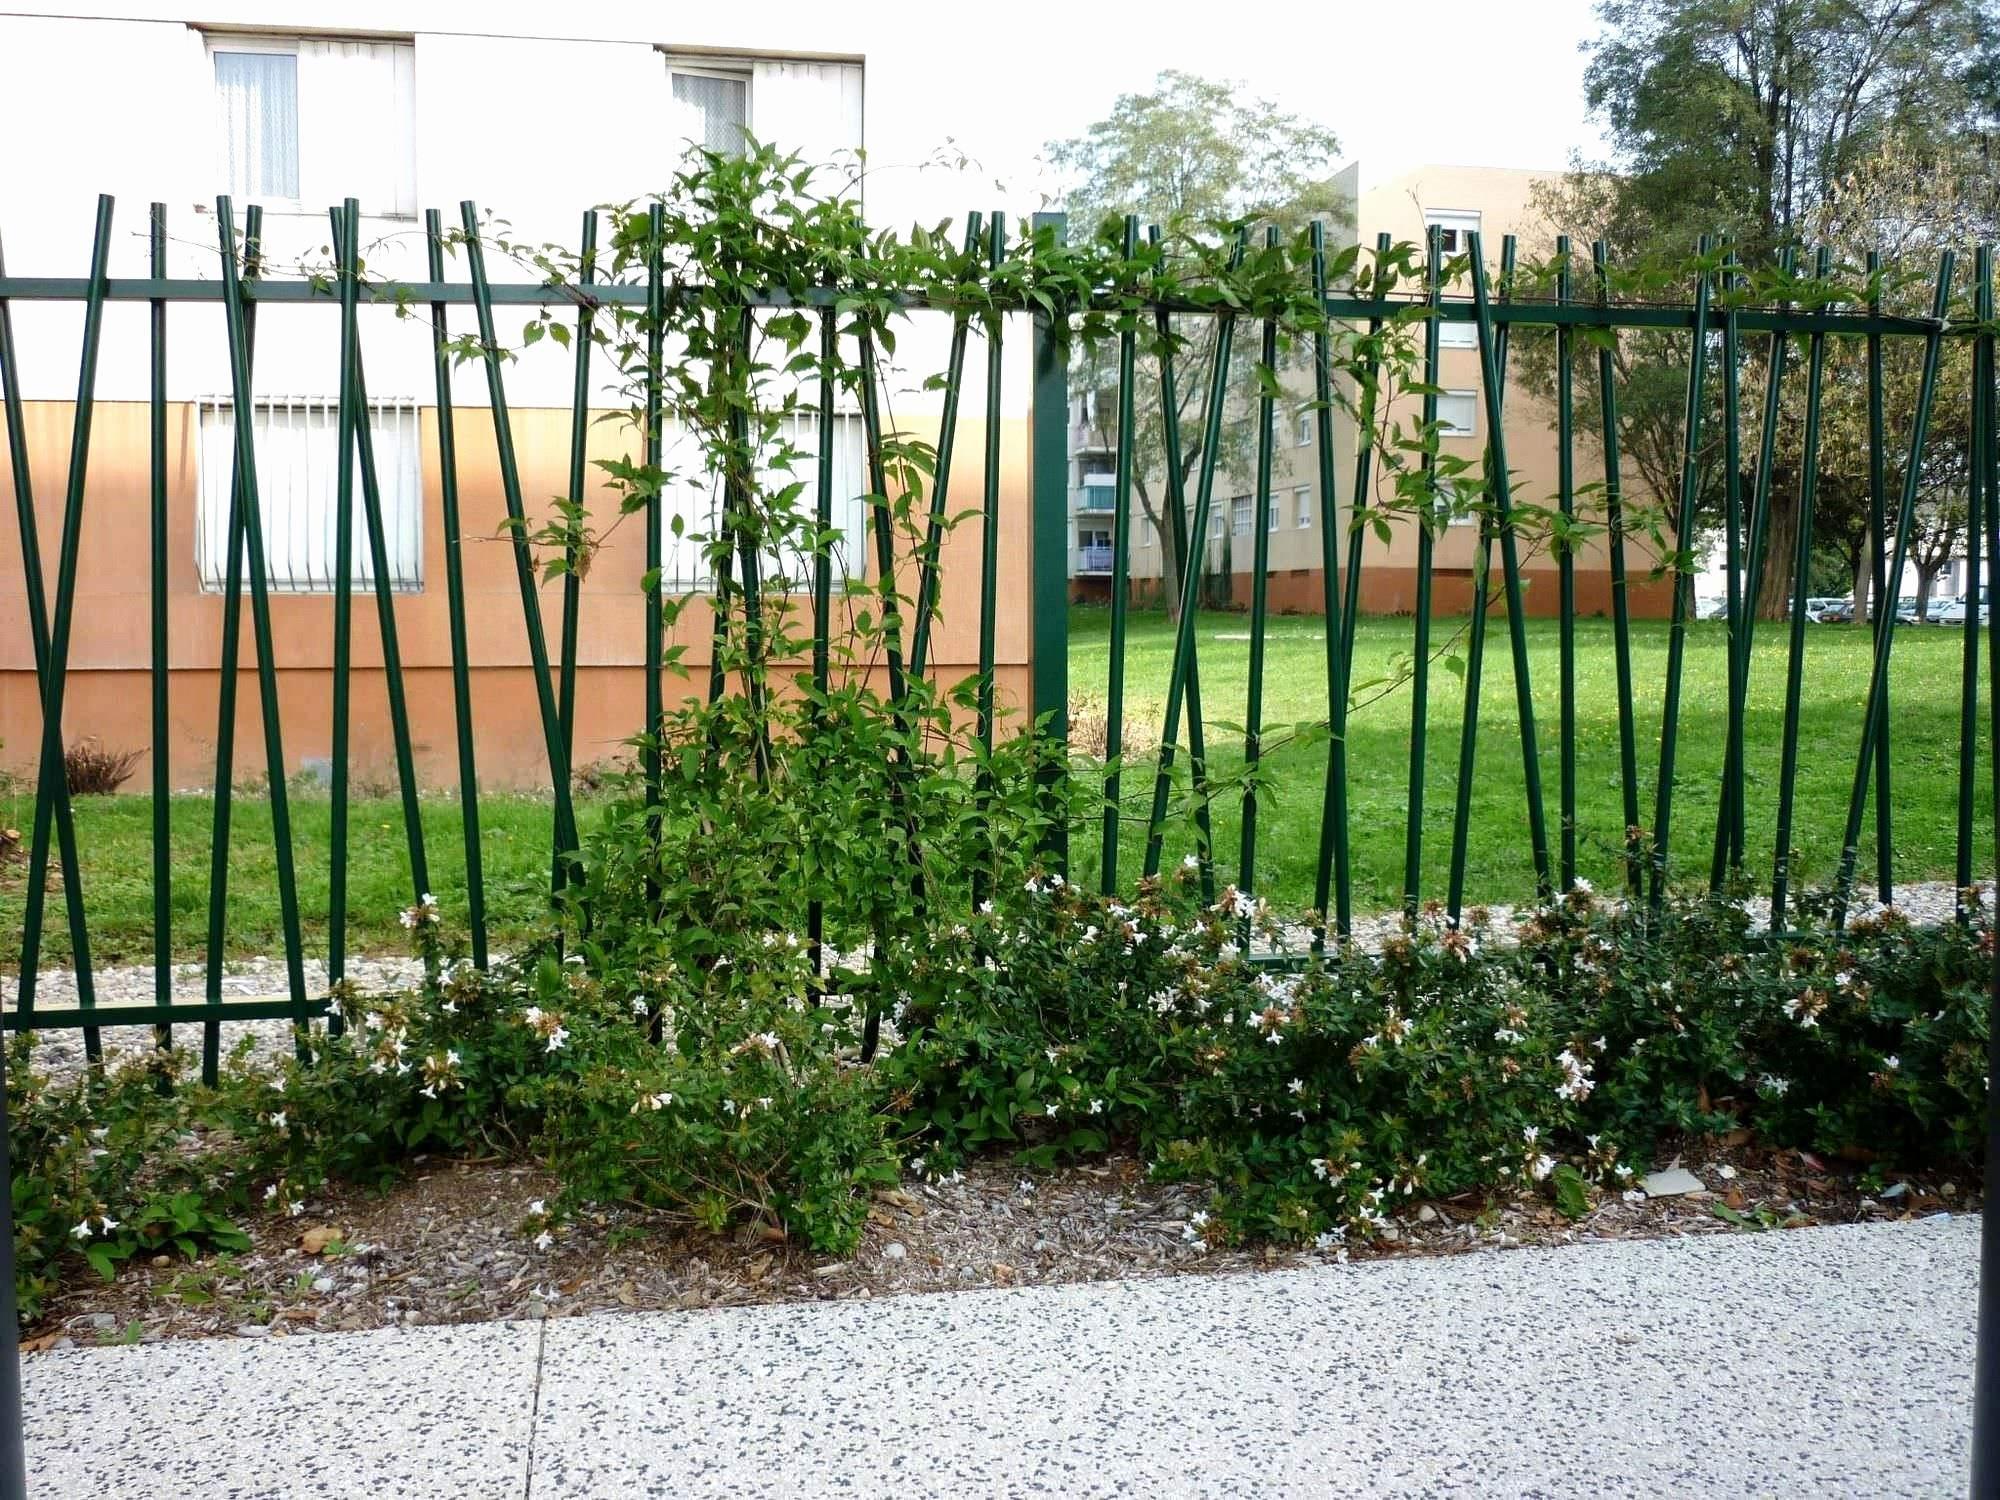 Fontaine De Jardin Brico Depot Unique Photos toile De Jardin Nouveau 40 Luxe De toile De Paillage Brico Depot